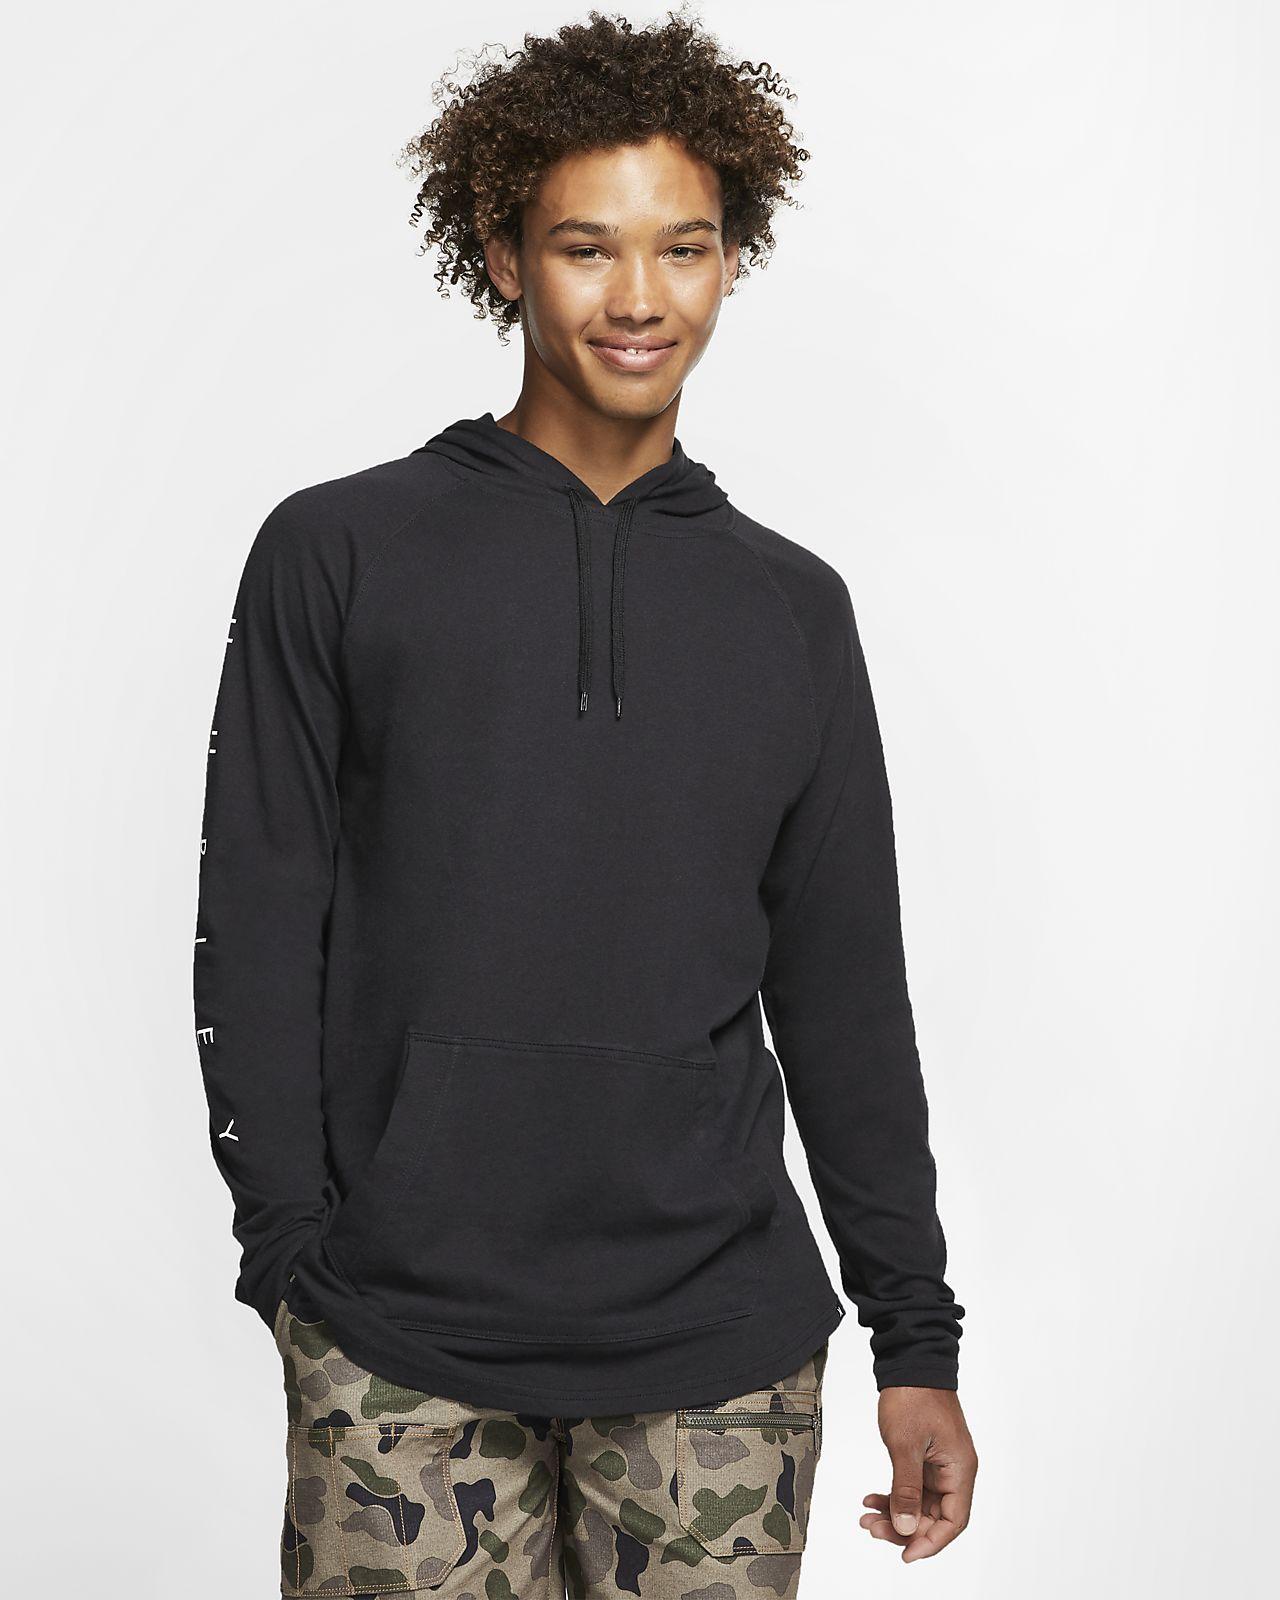 Hurley Premium Mod Men's Pullover Long-Sleeve Hoodie